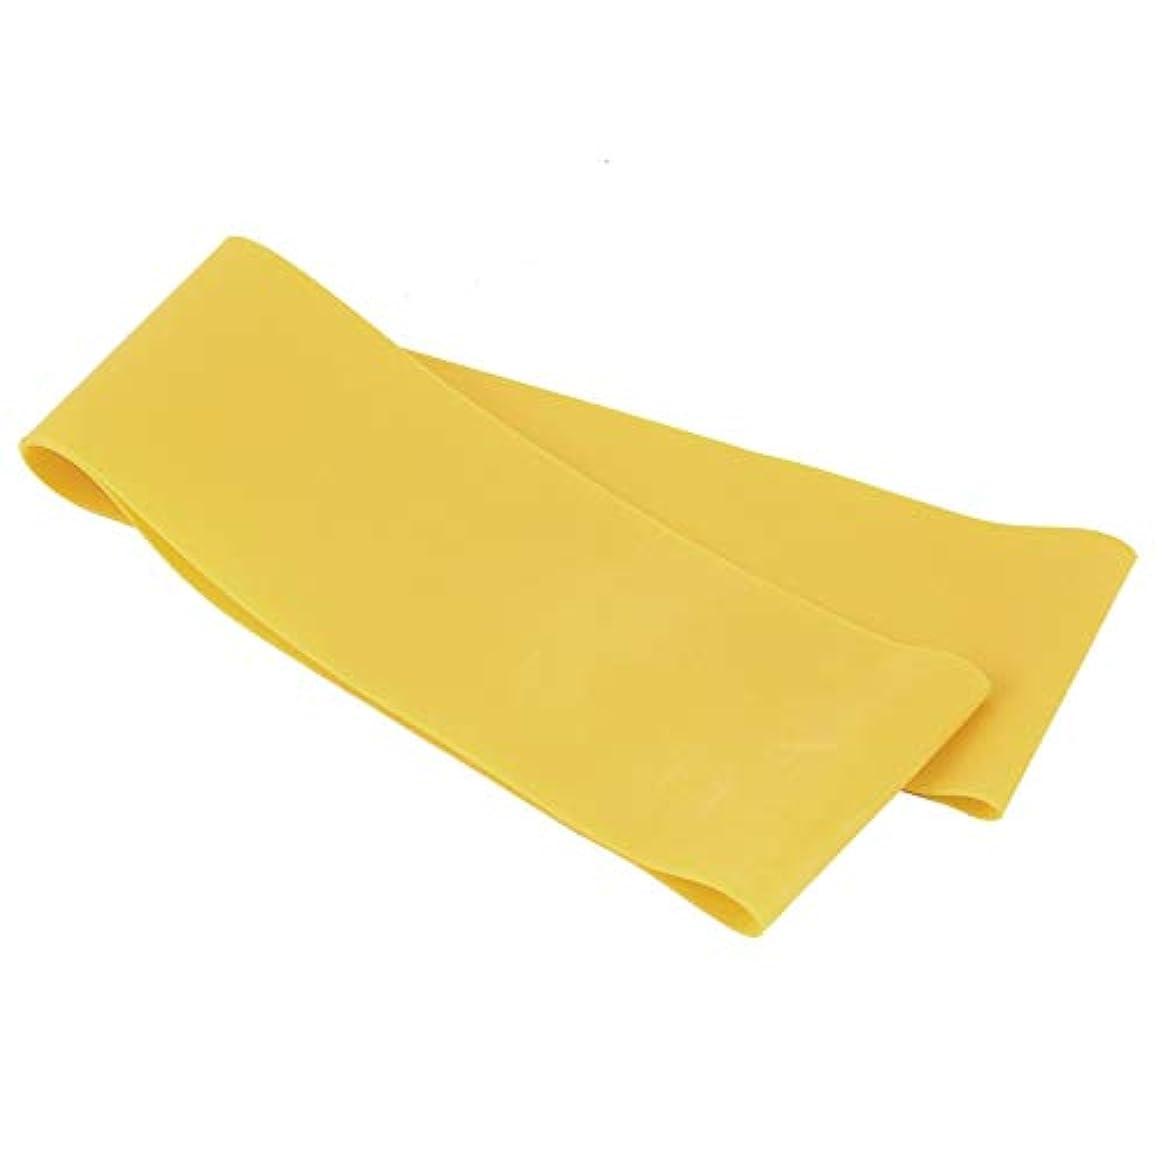 補助金完全に冷酷な滑り止めの伸縮性のあるゴム製伸縮性があるヨガのベルトバンド引きロープの張力抵抗バンドループ強さのためのフィットネスヨガツール - 黄色